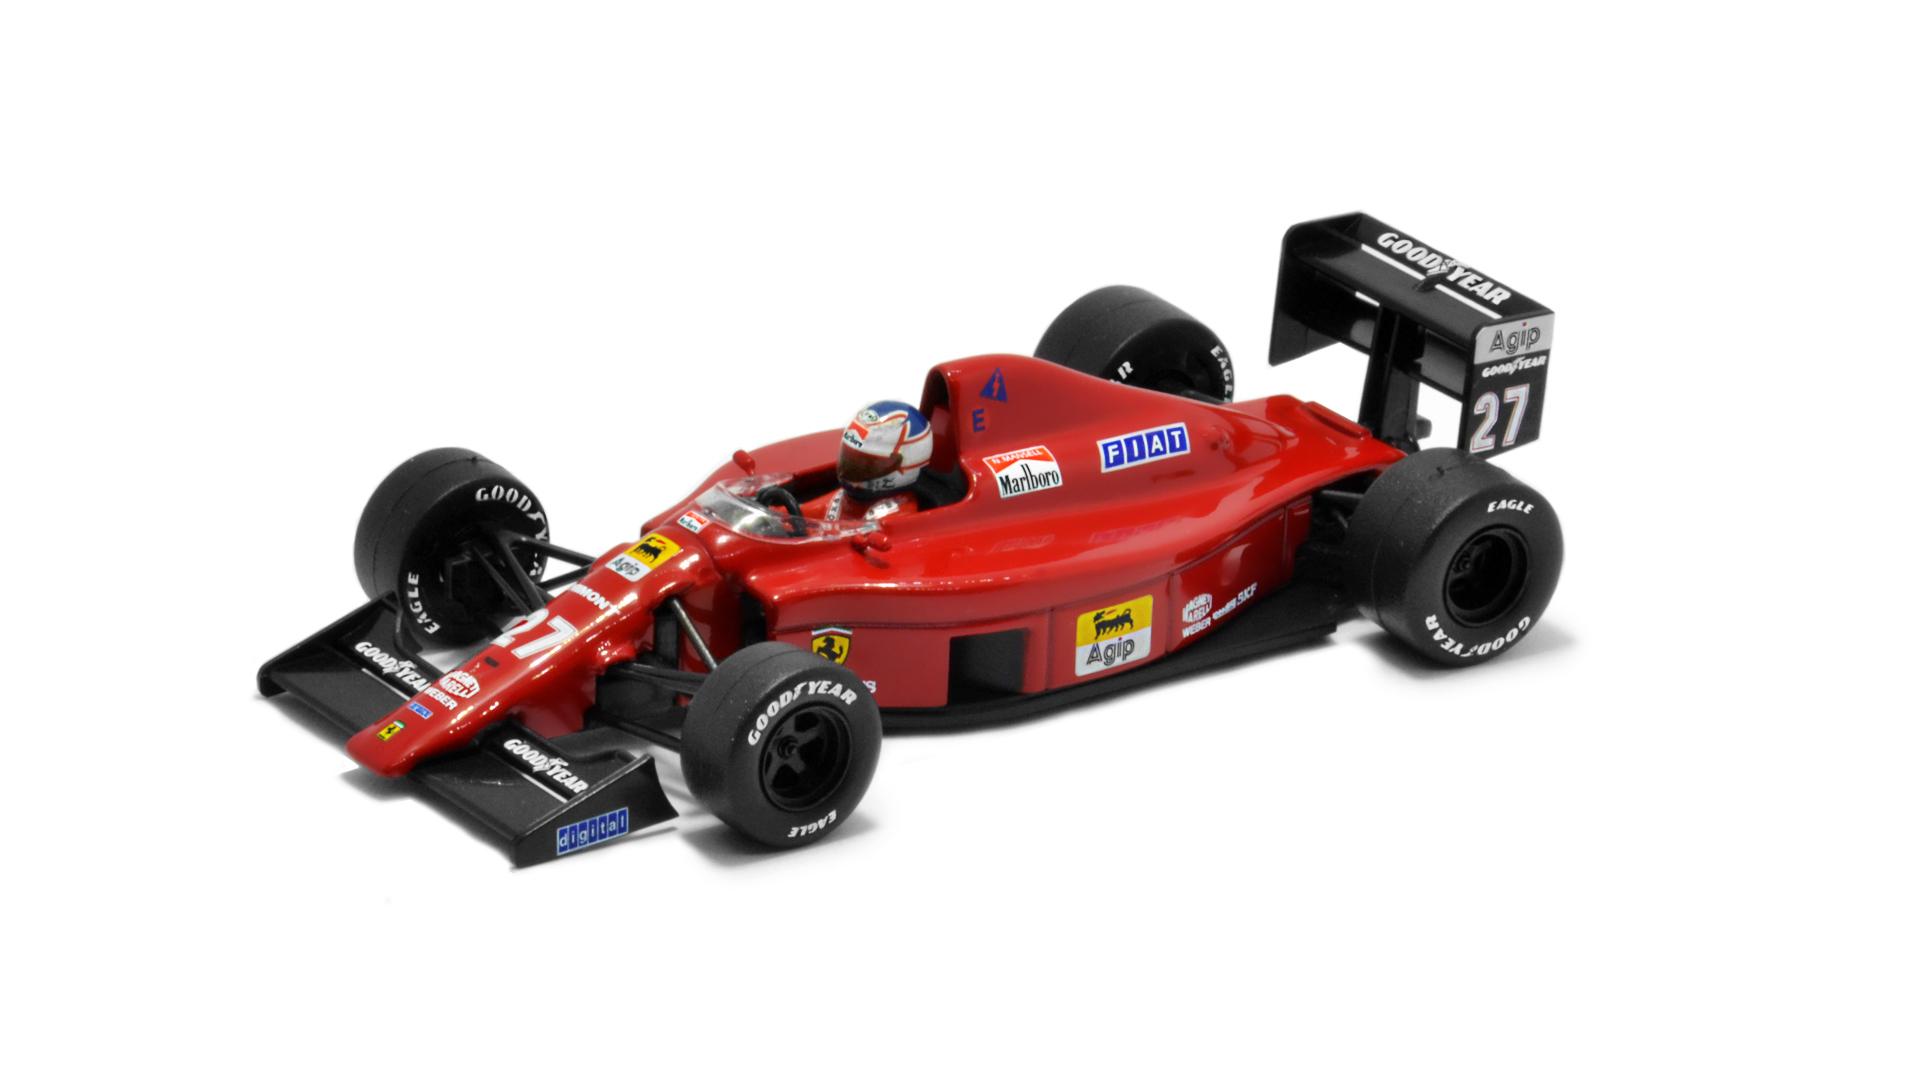 Év: 1989<br />Modell: 640<br />Gyártó: Altaya (átalakított)<br />Pilóta: Nigel Mansell